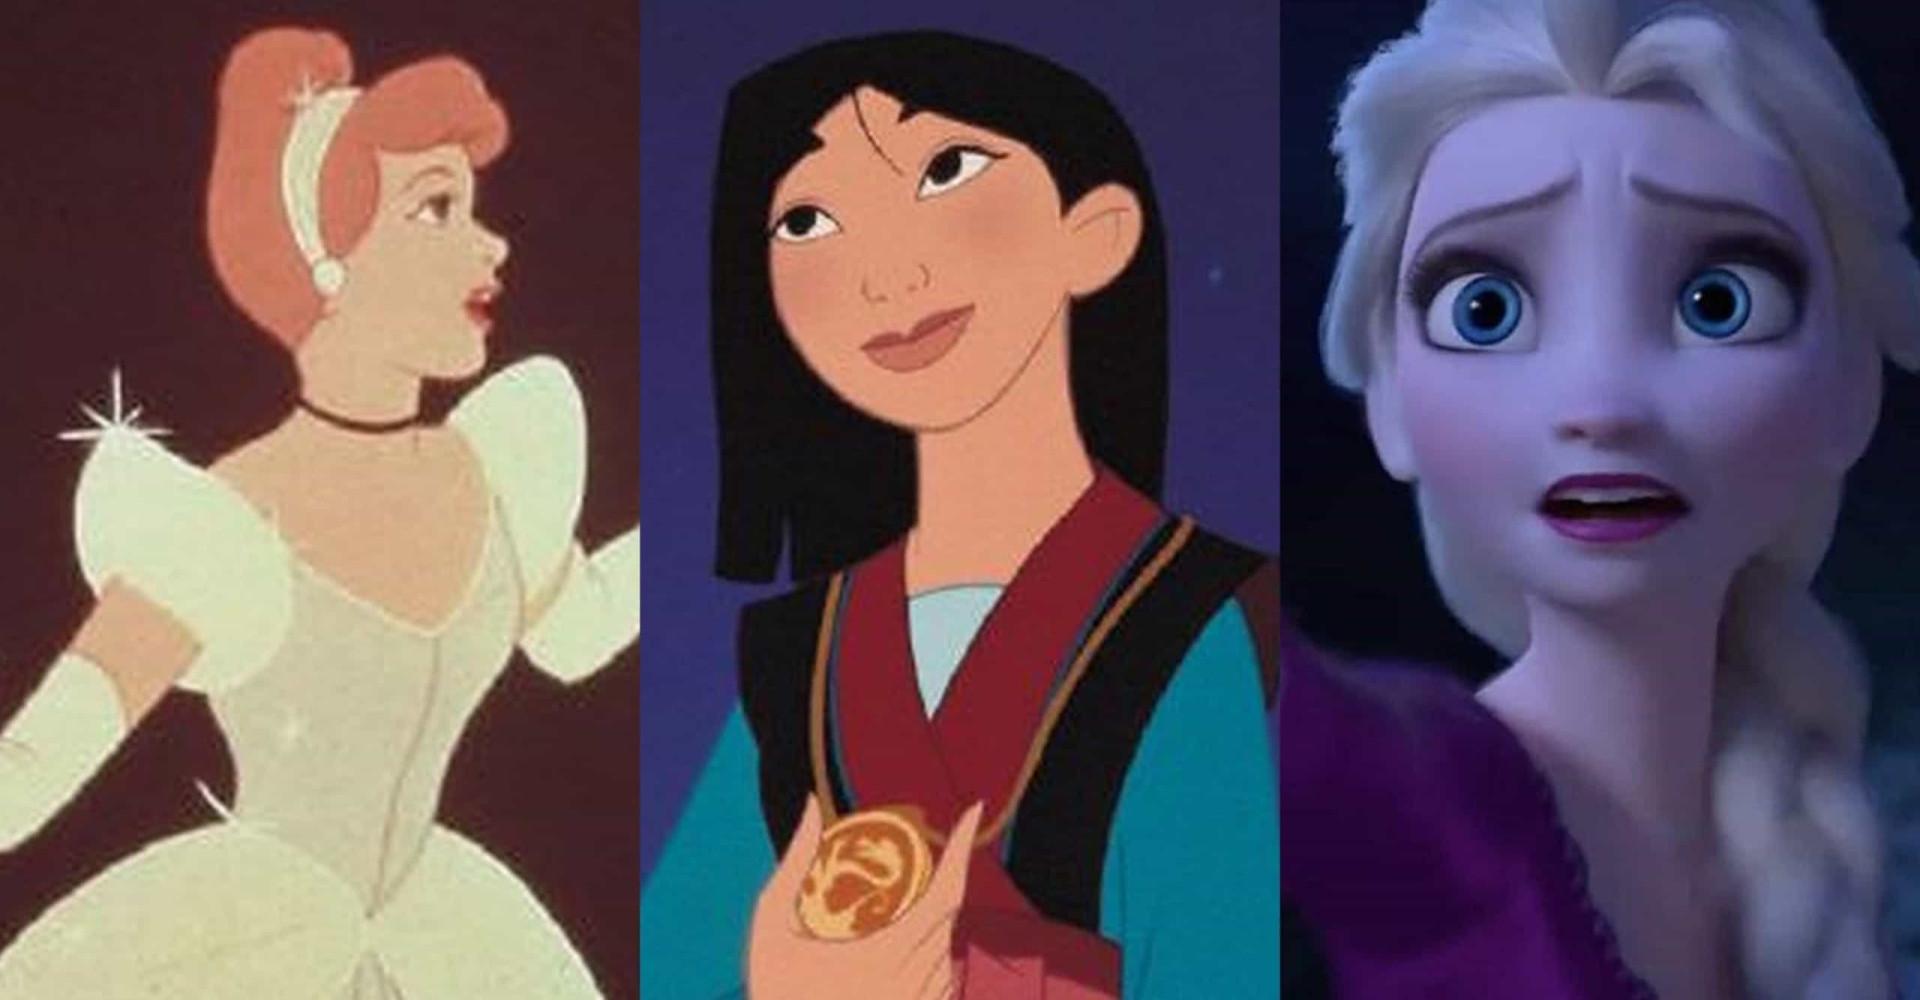 De mocinhas frágeis a heroínas fortes, veja a evolução das princesas da Disney!